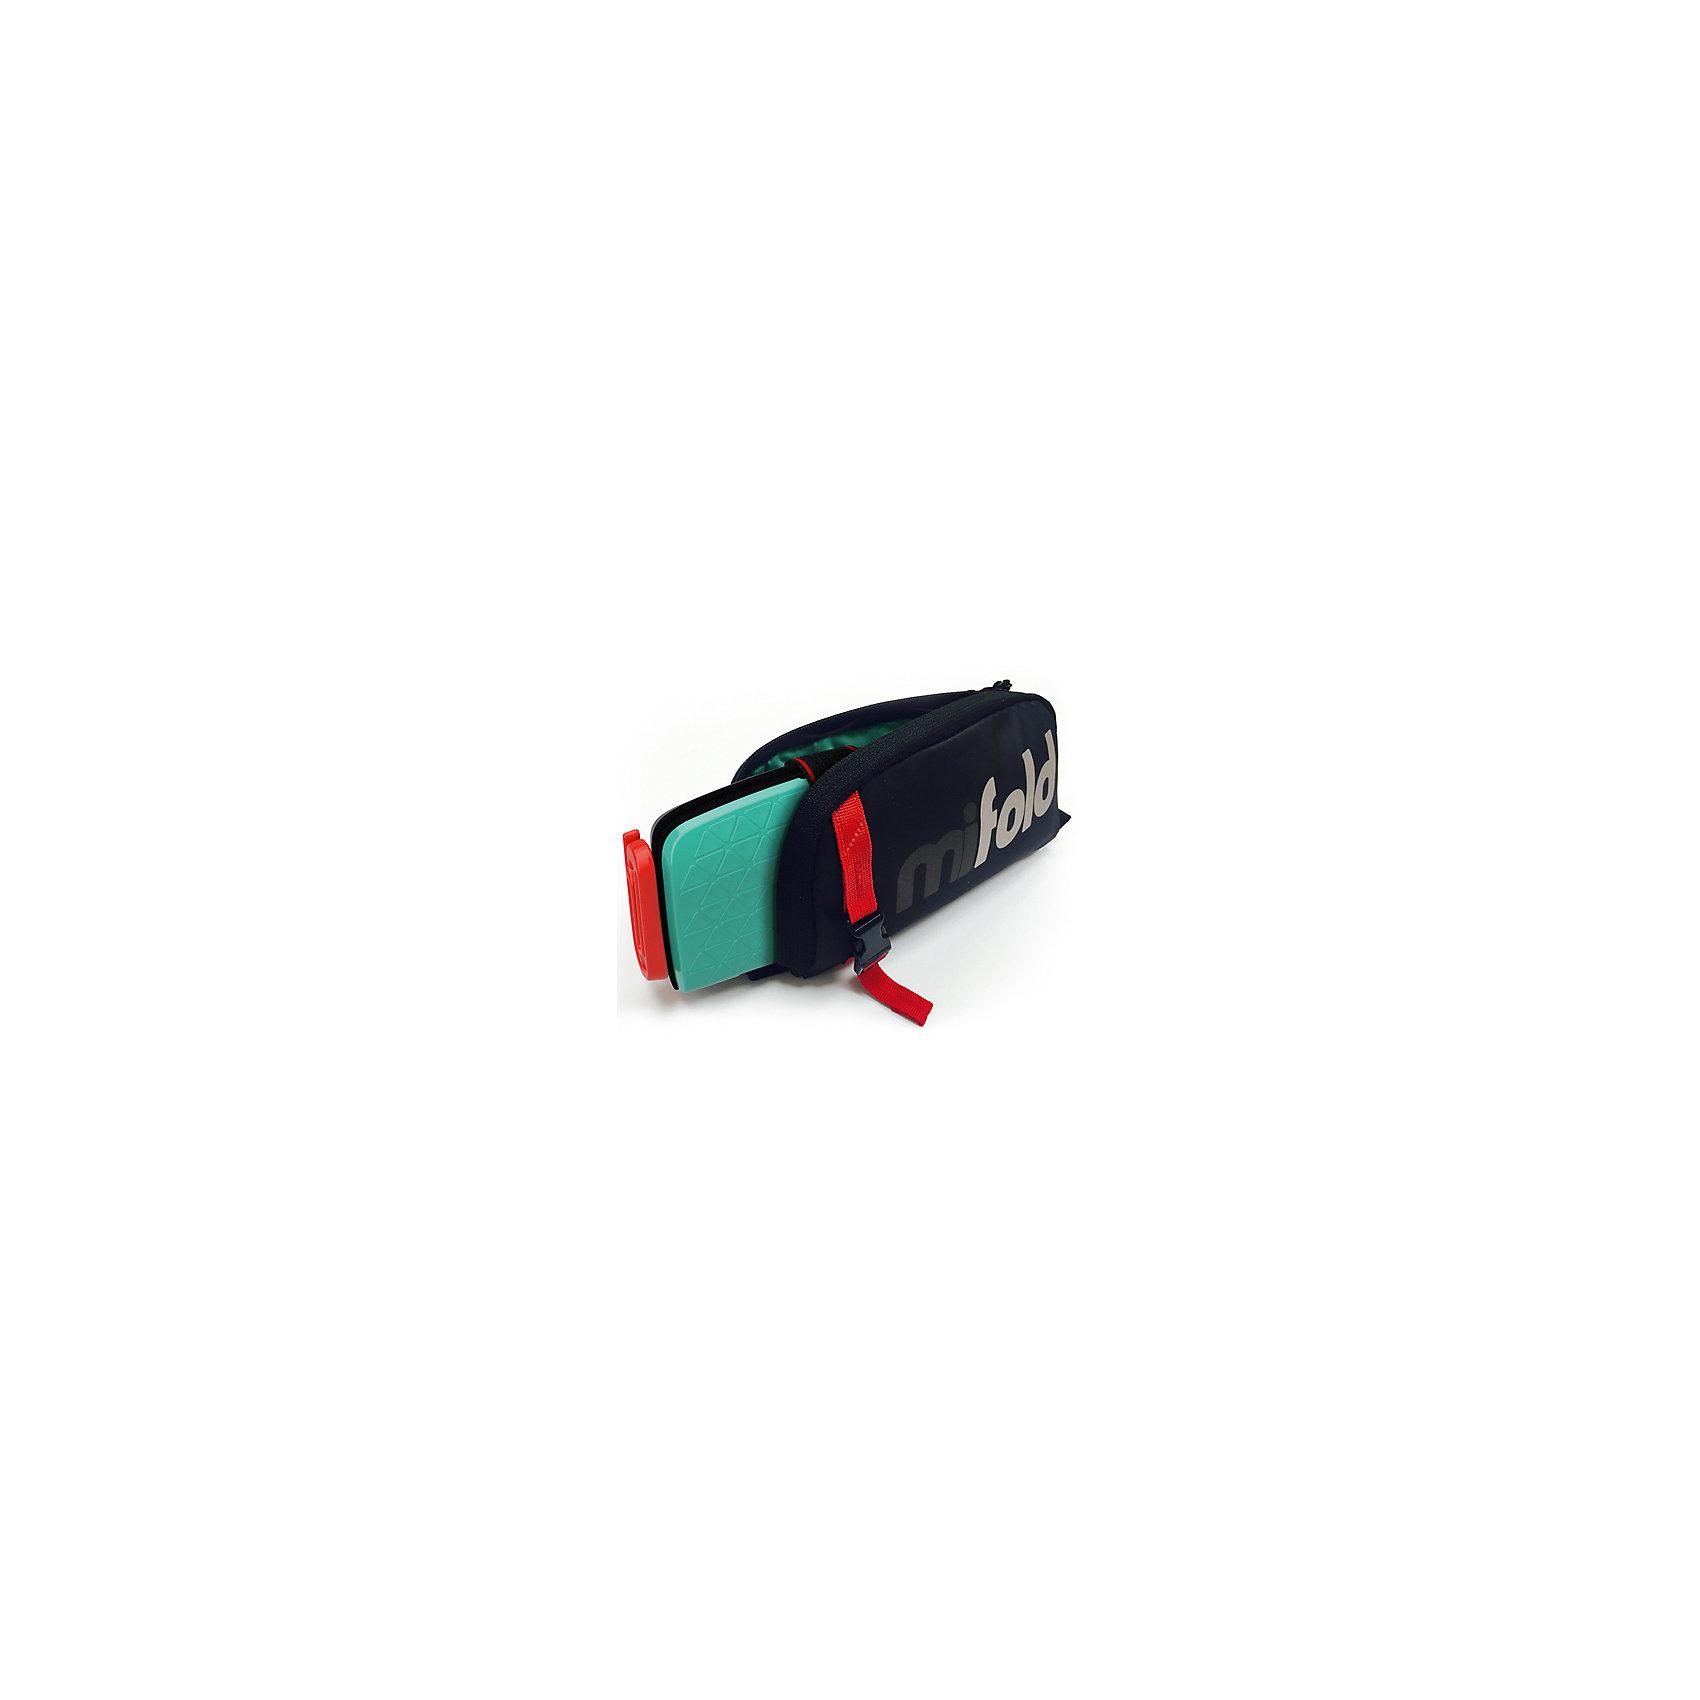 Чехол для бустера Mifold Designer Gift BagГруппа 2-3  (от 15 до 36 кг)<br>Характеристики товара:<br><br>• цвет: черный;<br>• разработана специально под компактные размеры бустера Mifold;<br>• оснащена стильным ремешком для зажима красного цвета;<br>• защитит бустер от повреждений и царапин во время переноски и хранения в автомобиле;<br>• сохранит автокресло-бустер в чистоте;<br>• страна производства: Израиль.<br><br>Дизайнерская сумочка станет для вас незаменимой помощницей и сохранит автокресло-бустер Mifold чистым.<br><br>Чехол для бустера Mifold Designer Gift Bag можно купить в нашем интернет-магазине.<br><br>Ширина мм: 330<br>Глубина мм: 150<br>Высота мм: 40<br>Вес г: 150<br>Возраст от месяцев: 48<br>Возраст до месяцев: 144<br>Пол: Унисекс<br>Возраст: Детский<br>SKU: 6878758